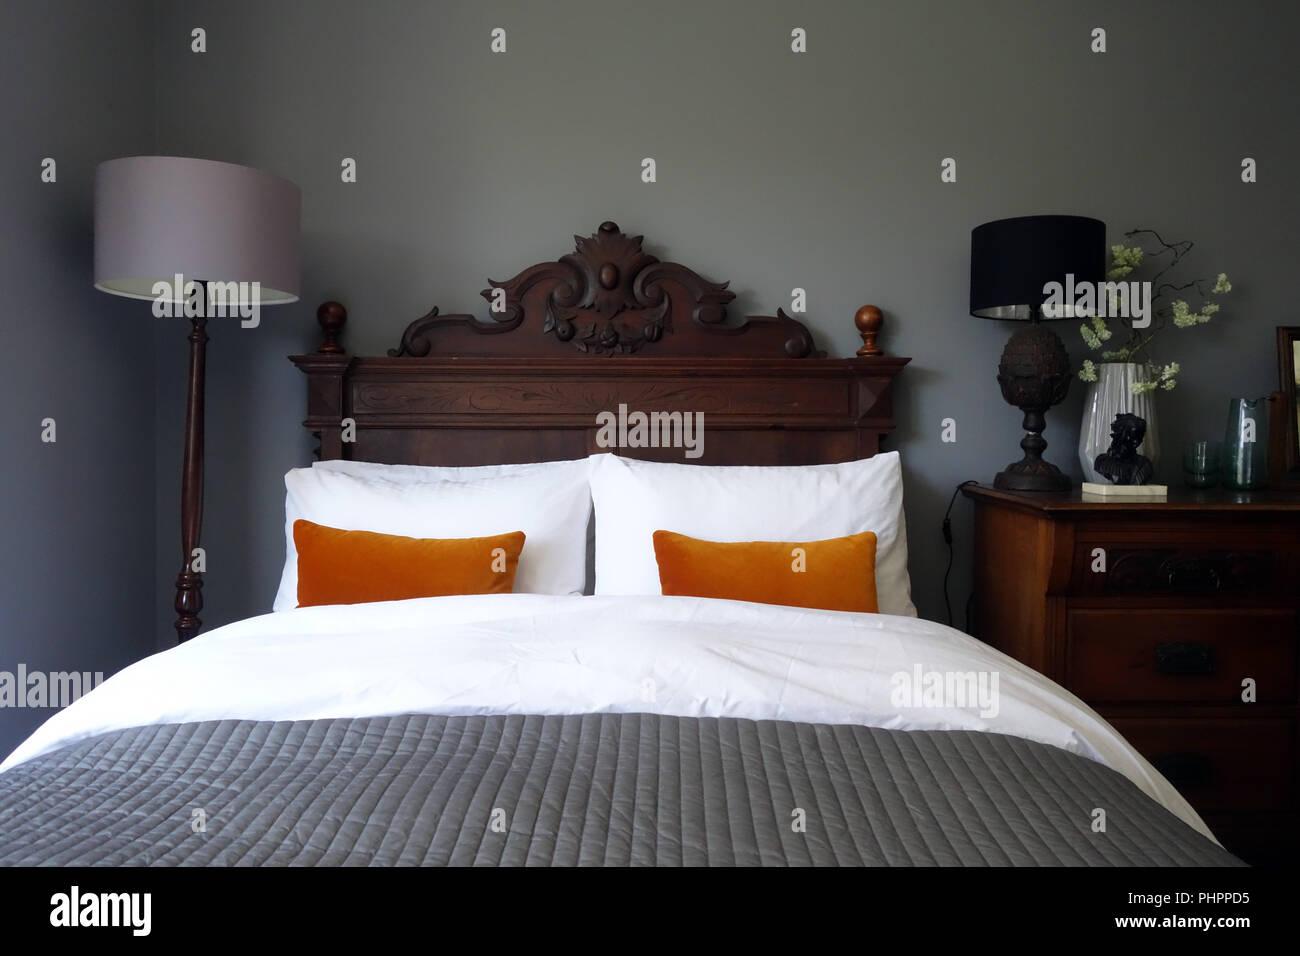 Chambre A Coucher Contemporaine Avec Meubles En Chene Tete